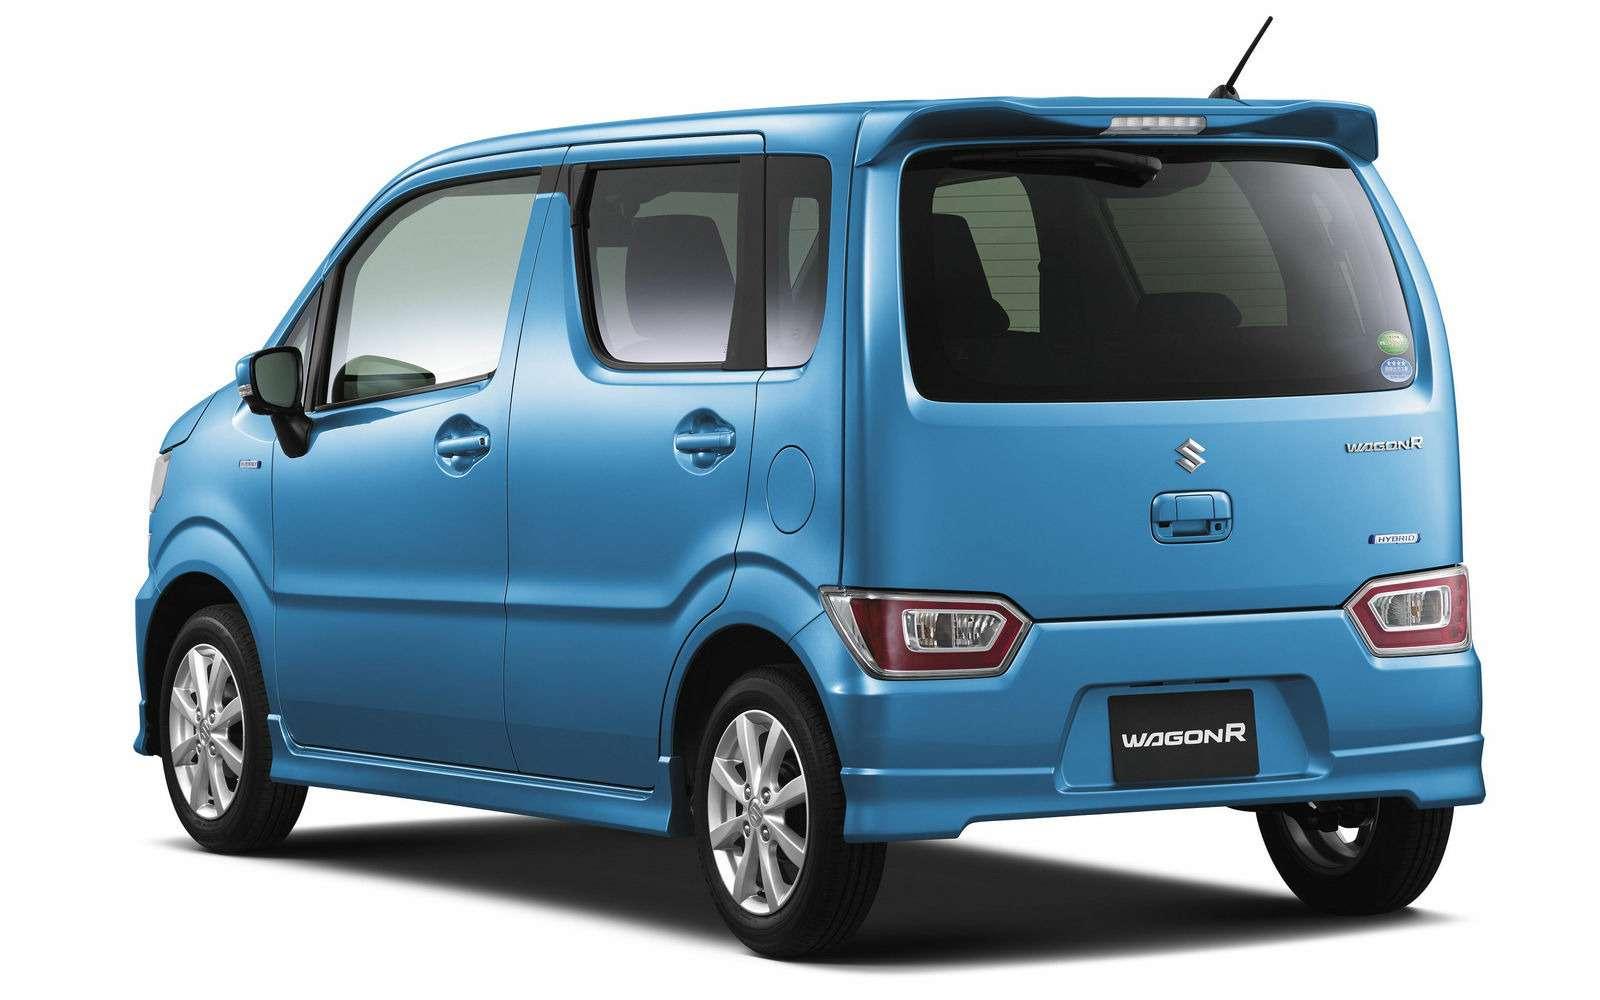 Новый Suzuki Wagon R: слюбовью кАмерике— фото 701846